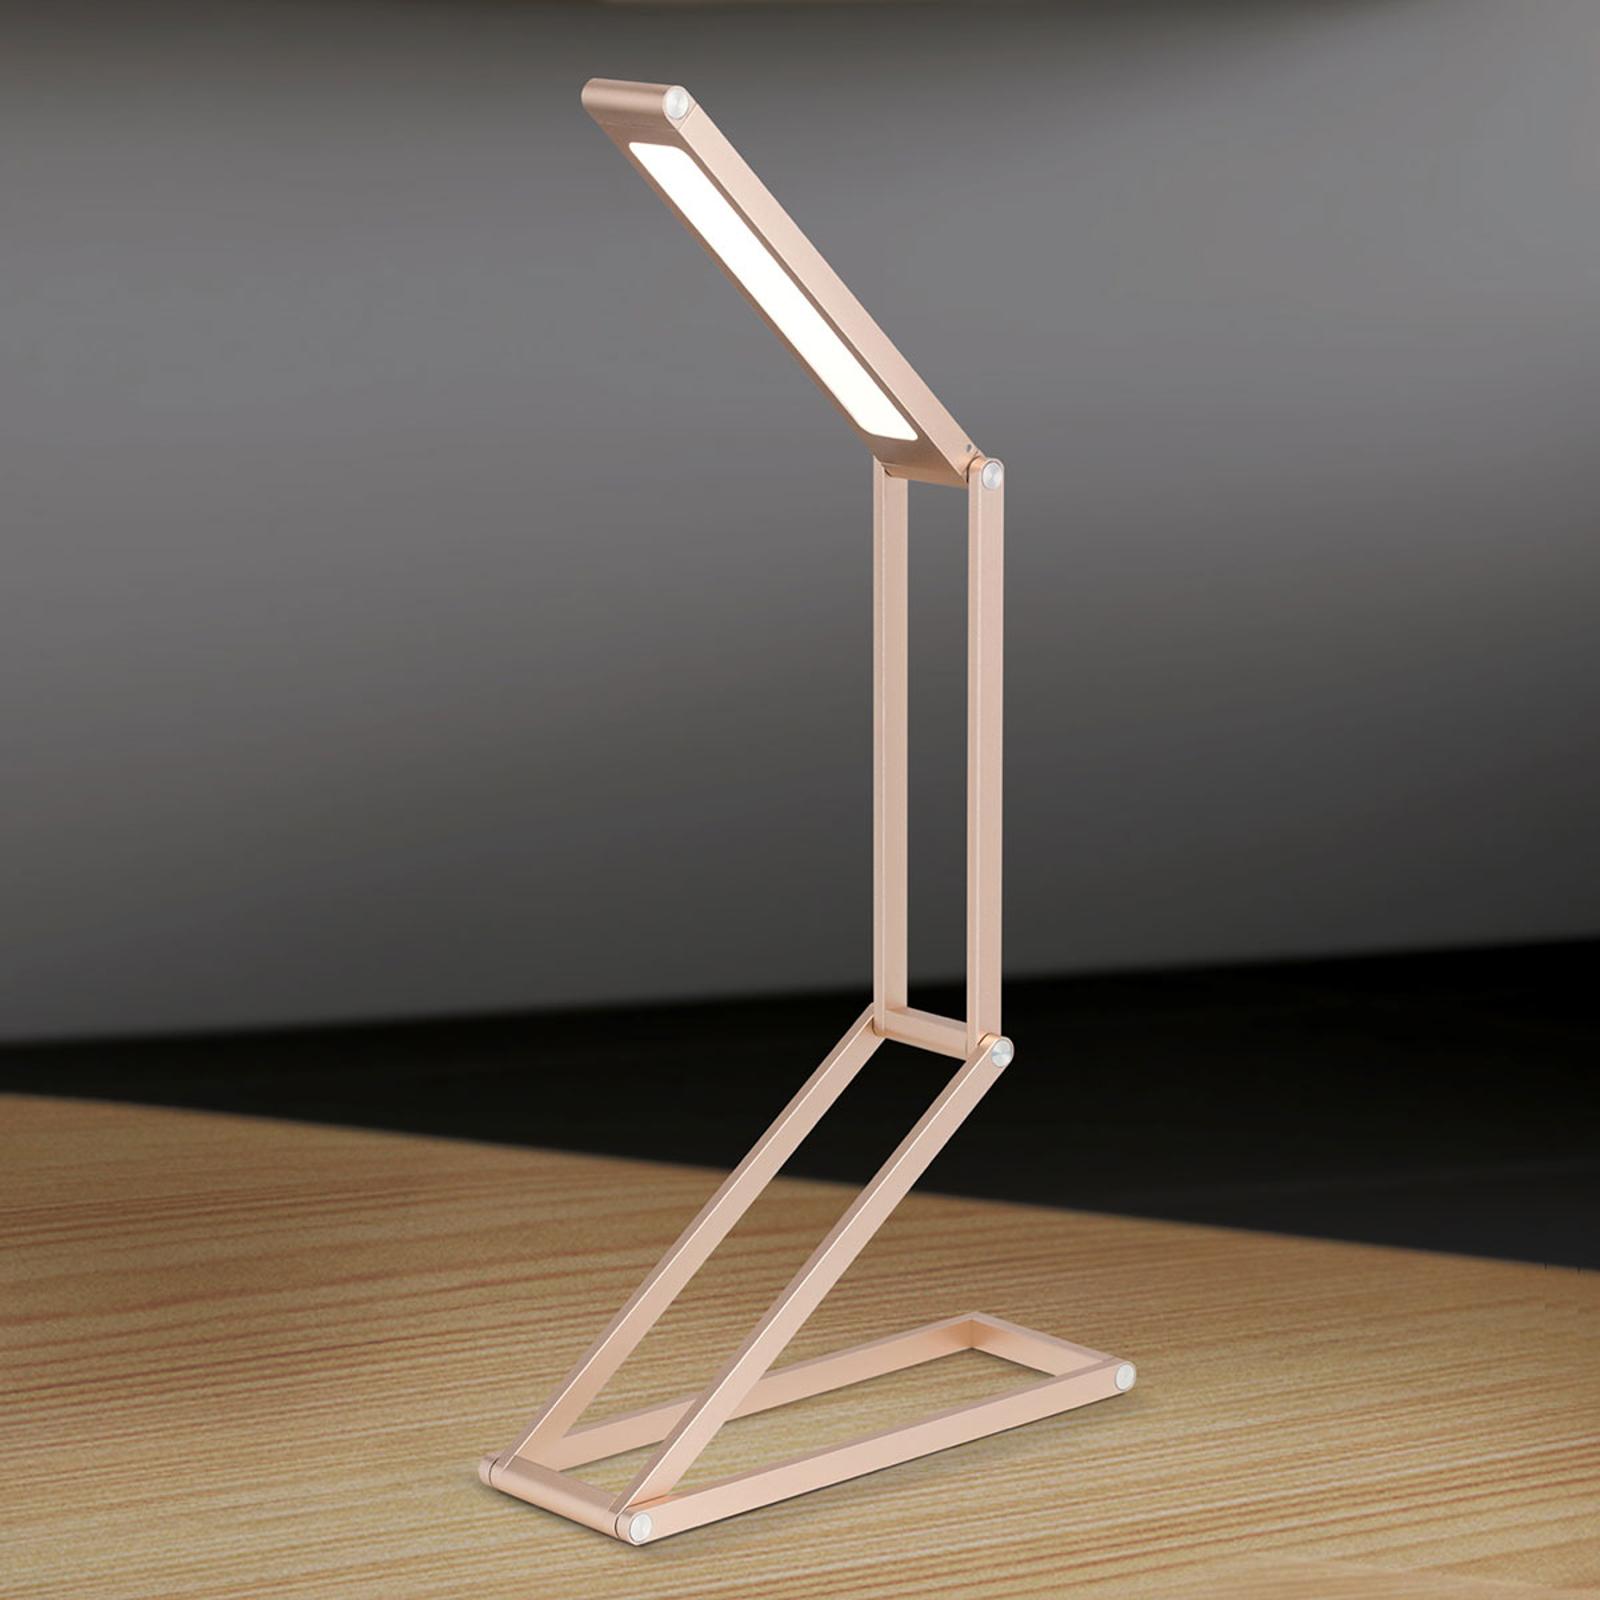 Praktische LED tafellamp Falto met accu, goud